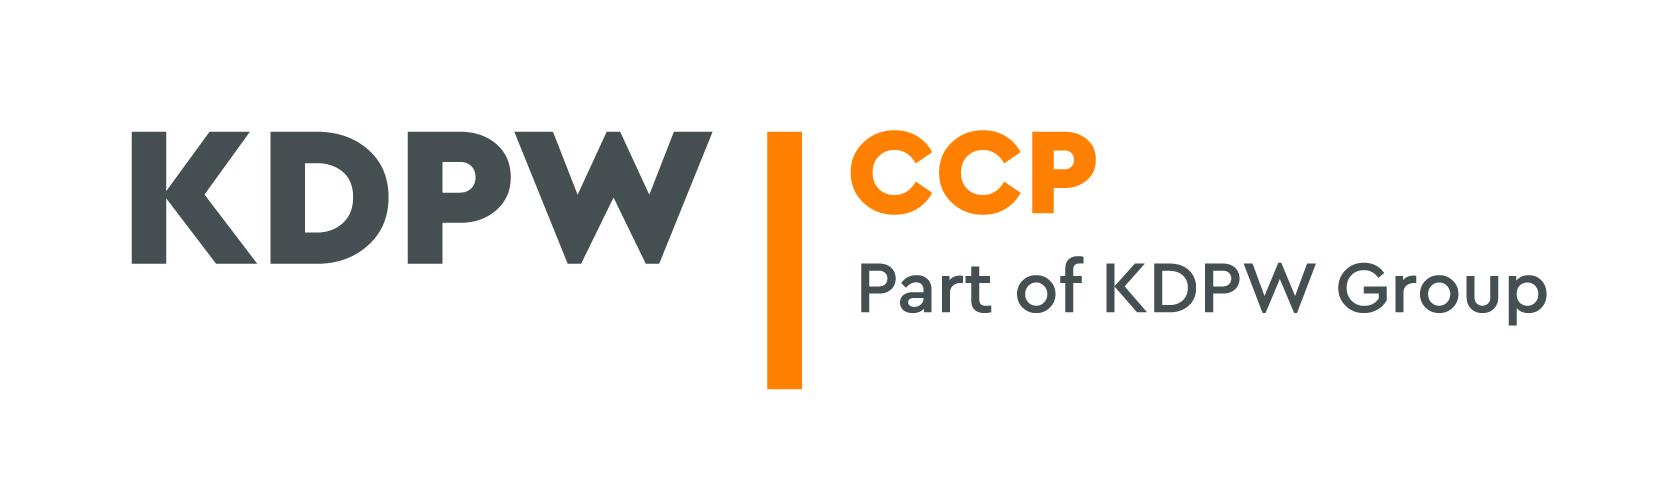 KDPW_CCP_LogoRENG_color_pos_RGB